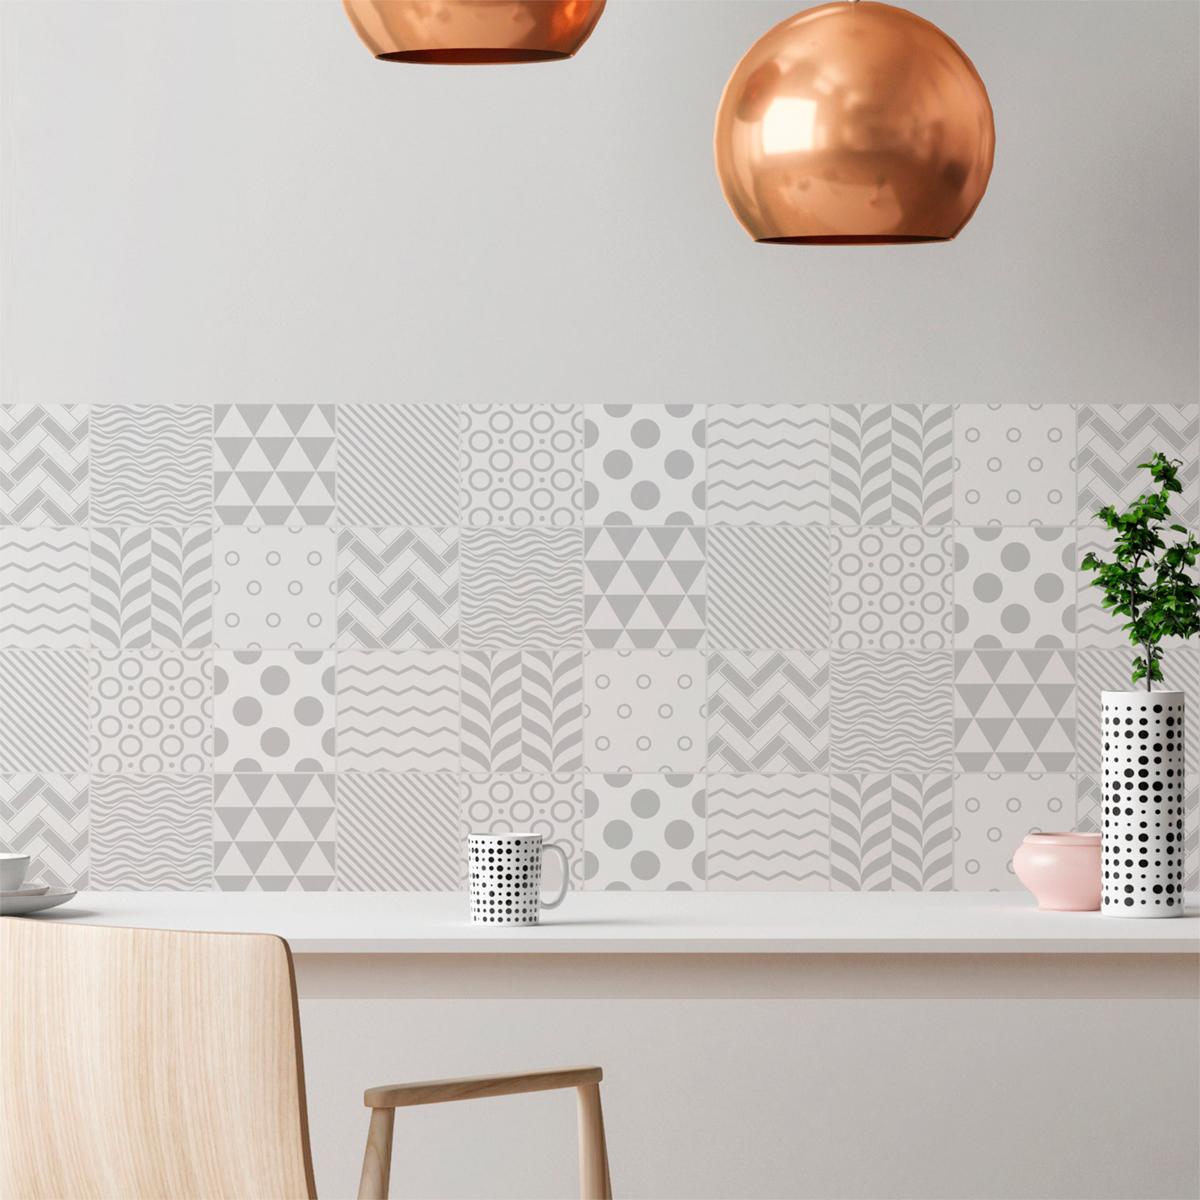 stickers carrelage carreaux de ciment stickers pour salle. Black Bedroom Furniture Sets. Home Design Ideas